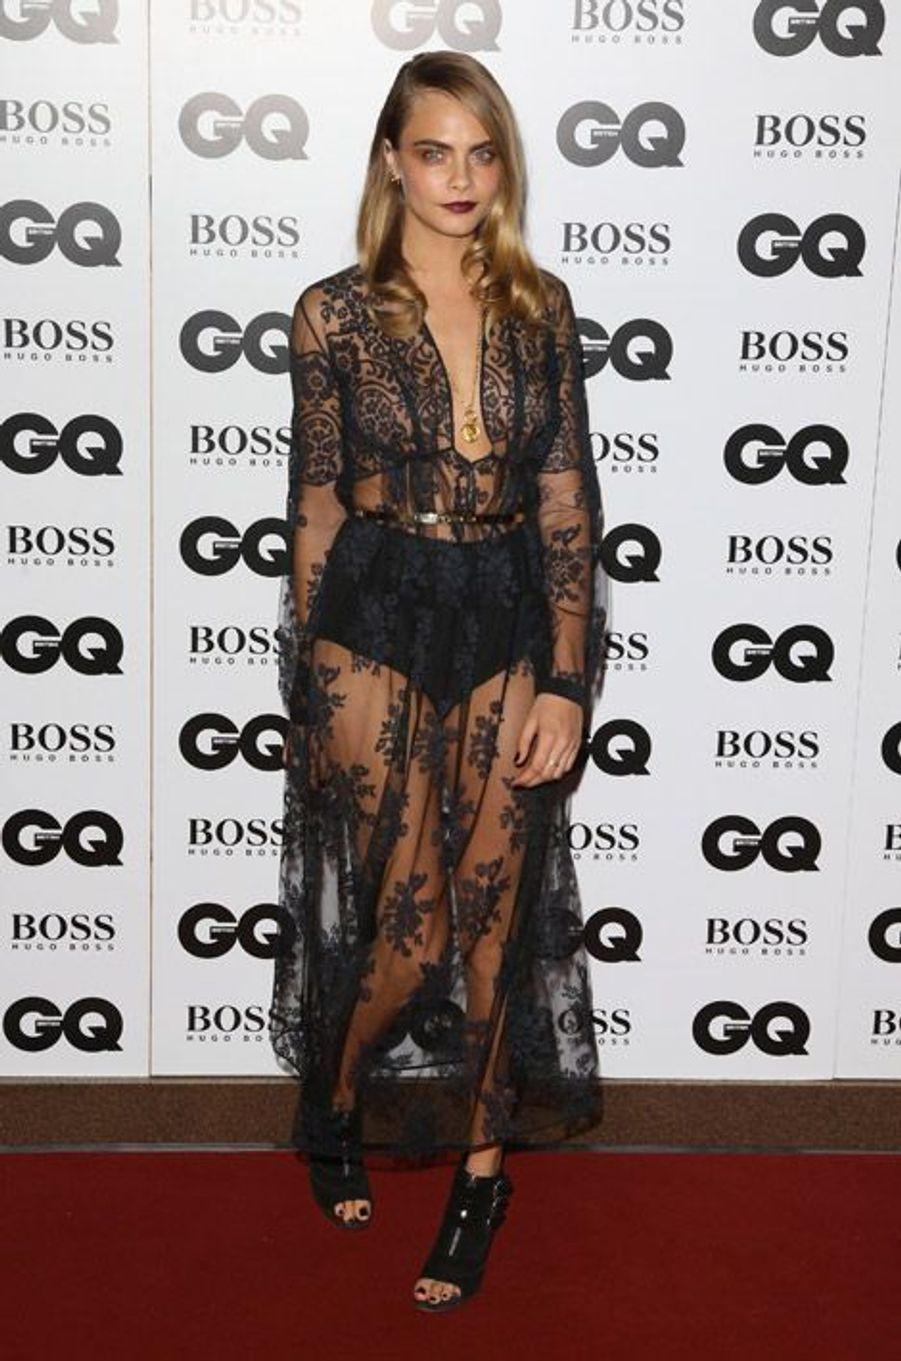 Transparence : le mannequin Cara Delevingne lors de la soirée GQ à Londres, le 2 septembre 2014